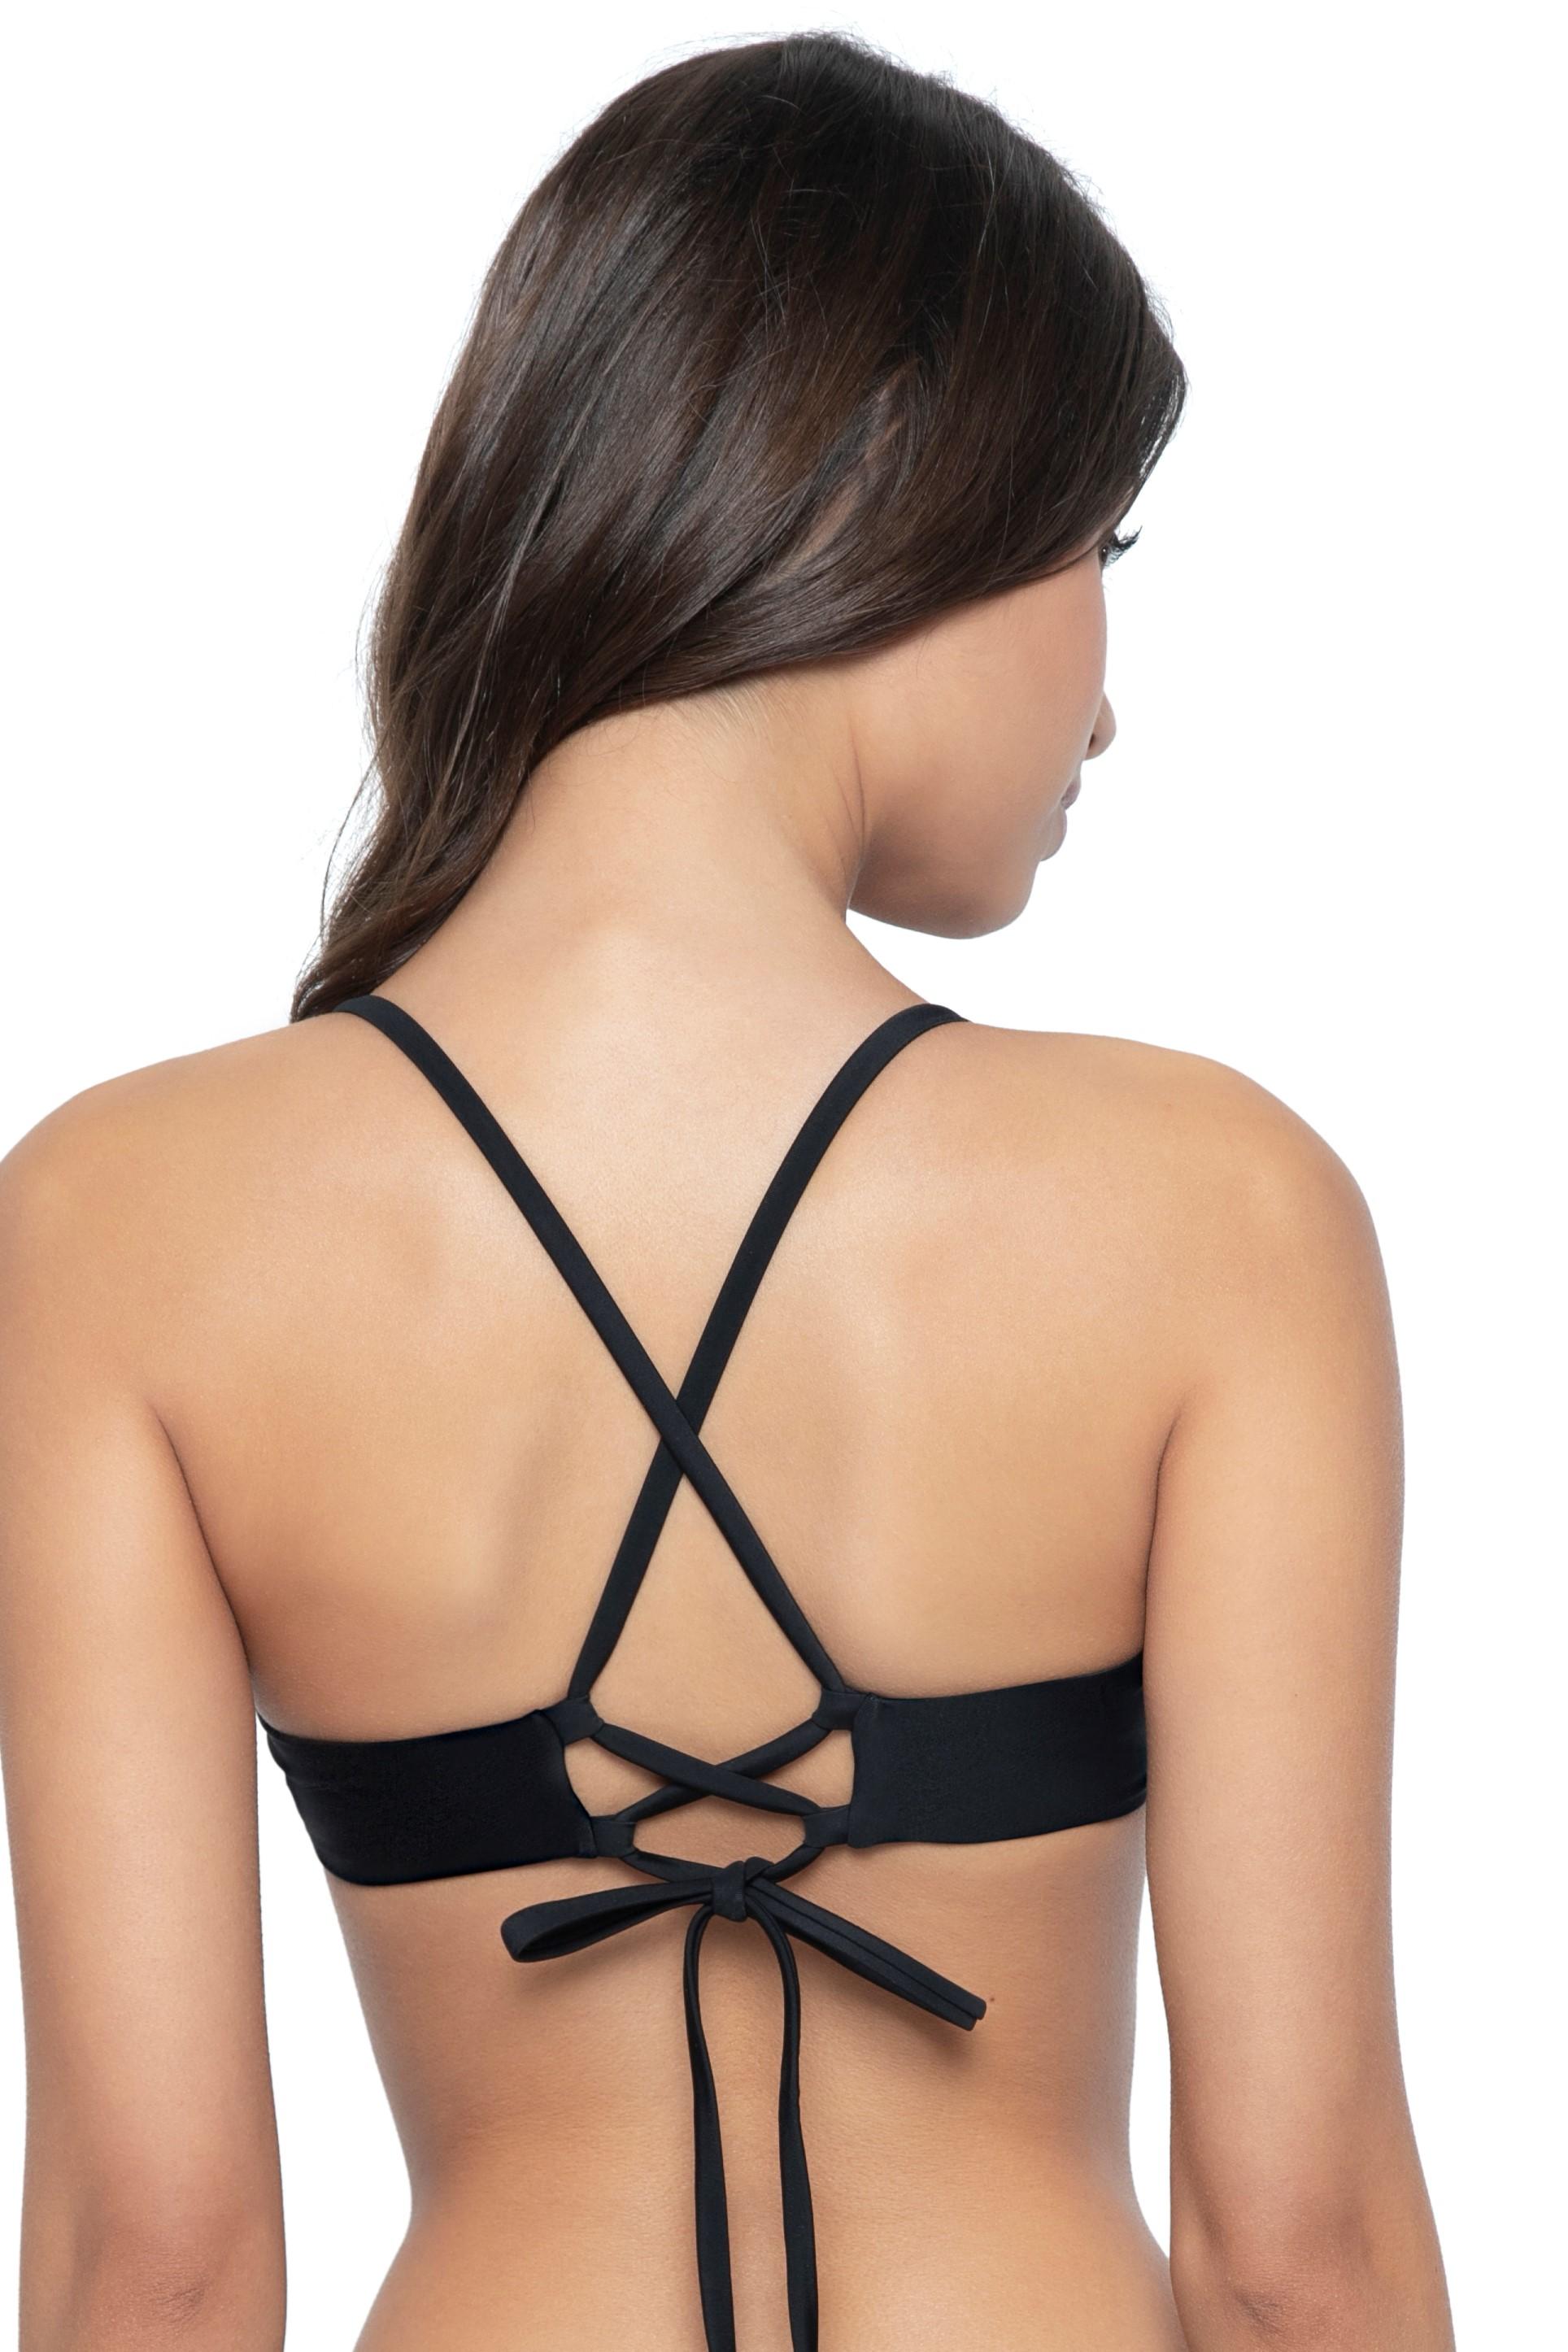 Pilyq Swim Midnight Lace Wire Bikini Top Black